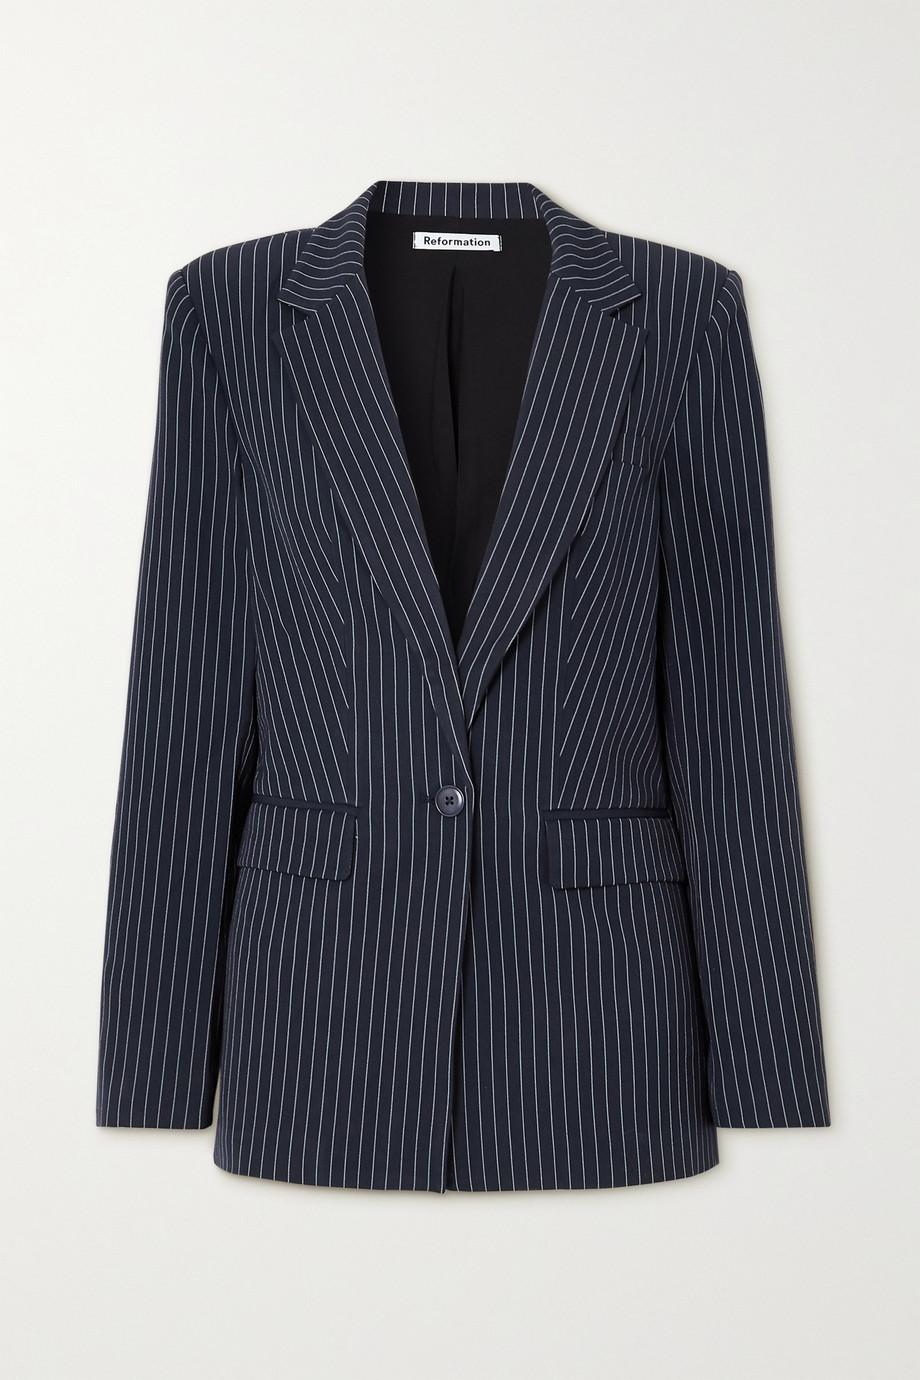 Reformation Dama 细条纹卡迪面料西装外套